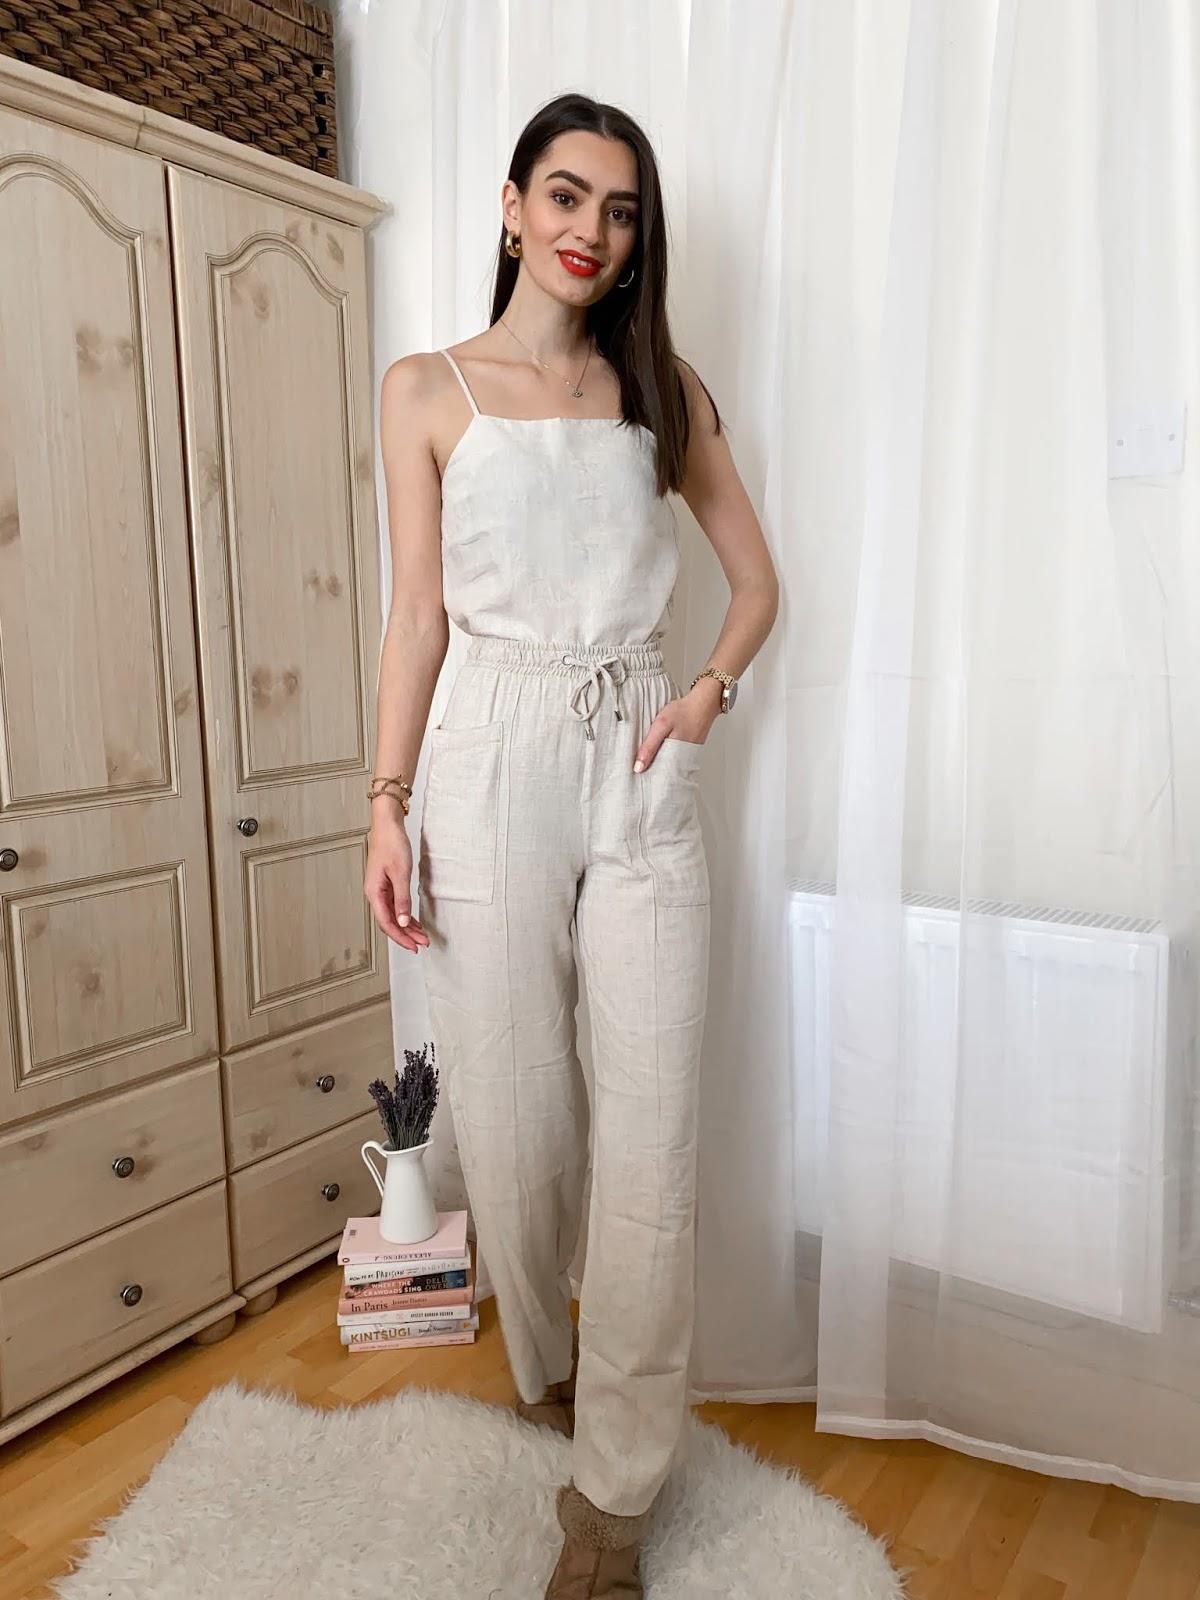 peexo linen loungewear neutrals